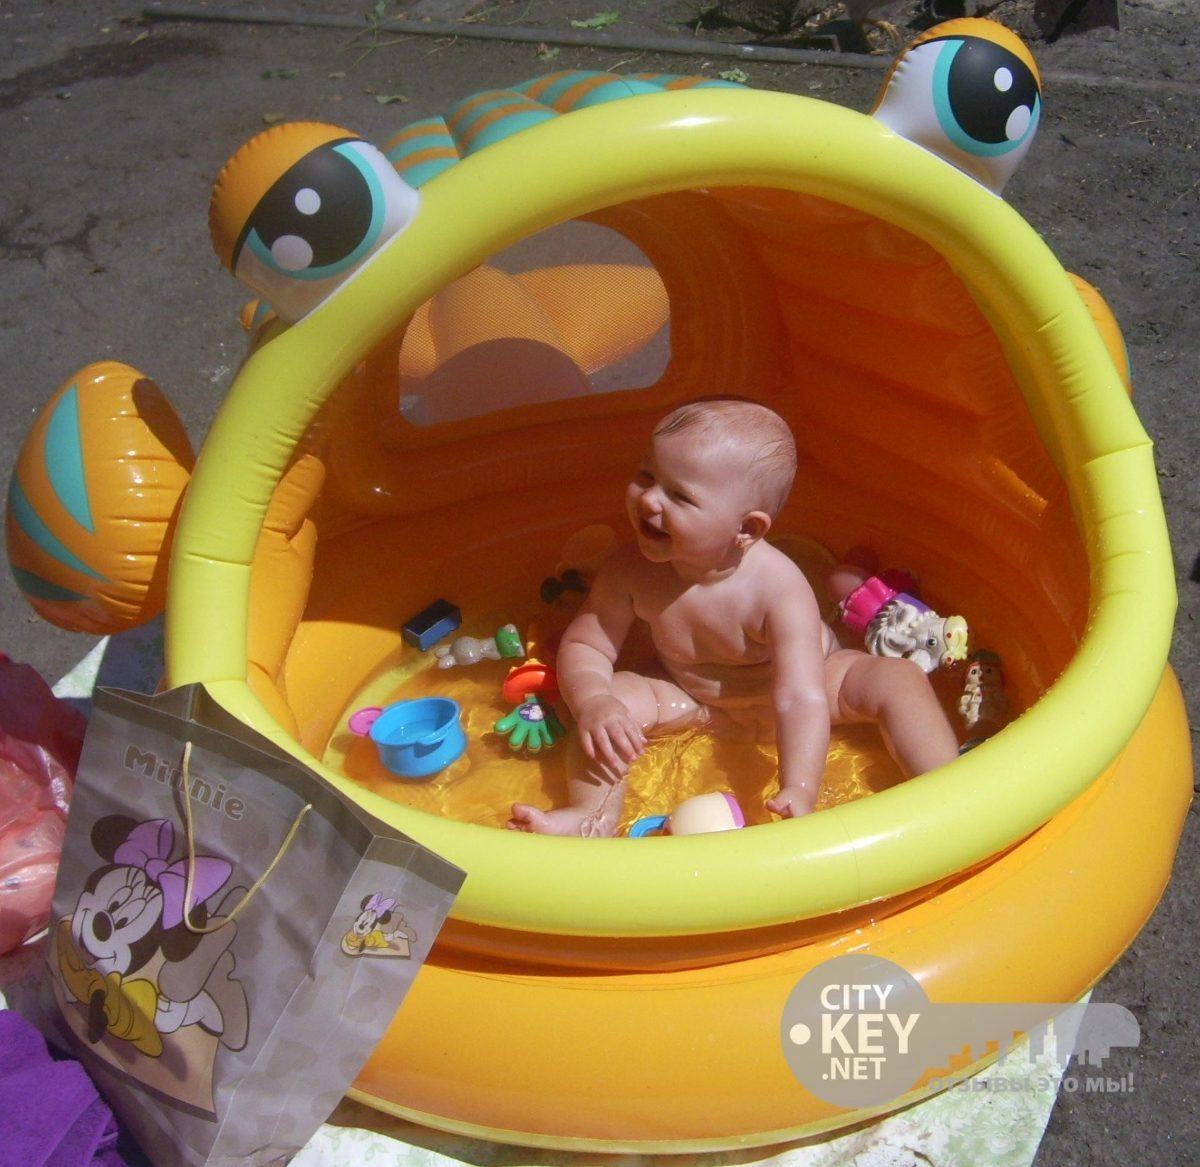 Piscina pelotero con techo en forma de pez inflable intex for Piscina inflable intex para bebe